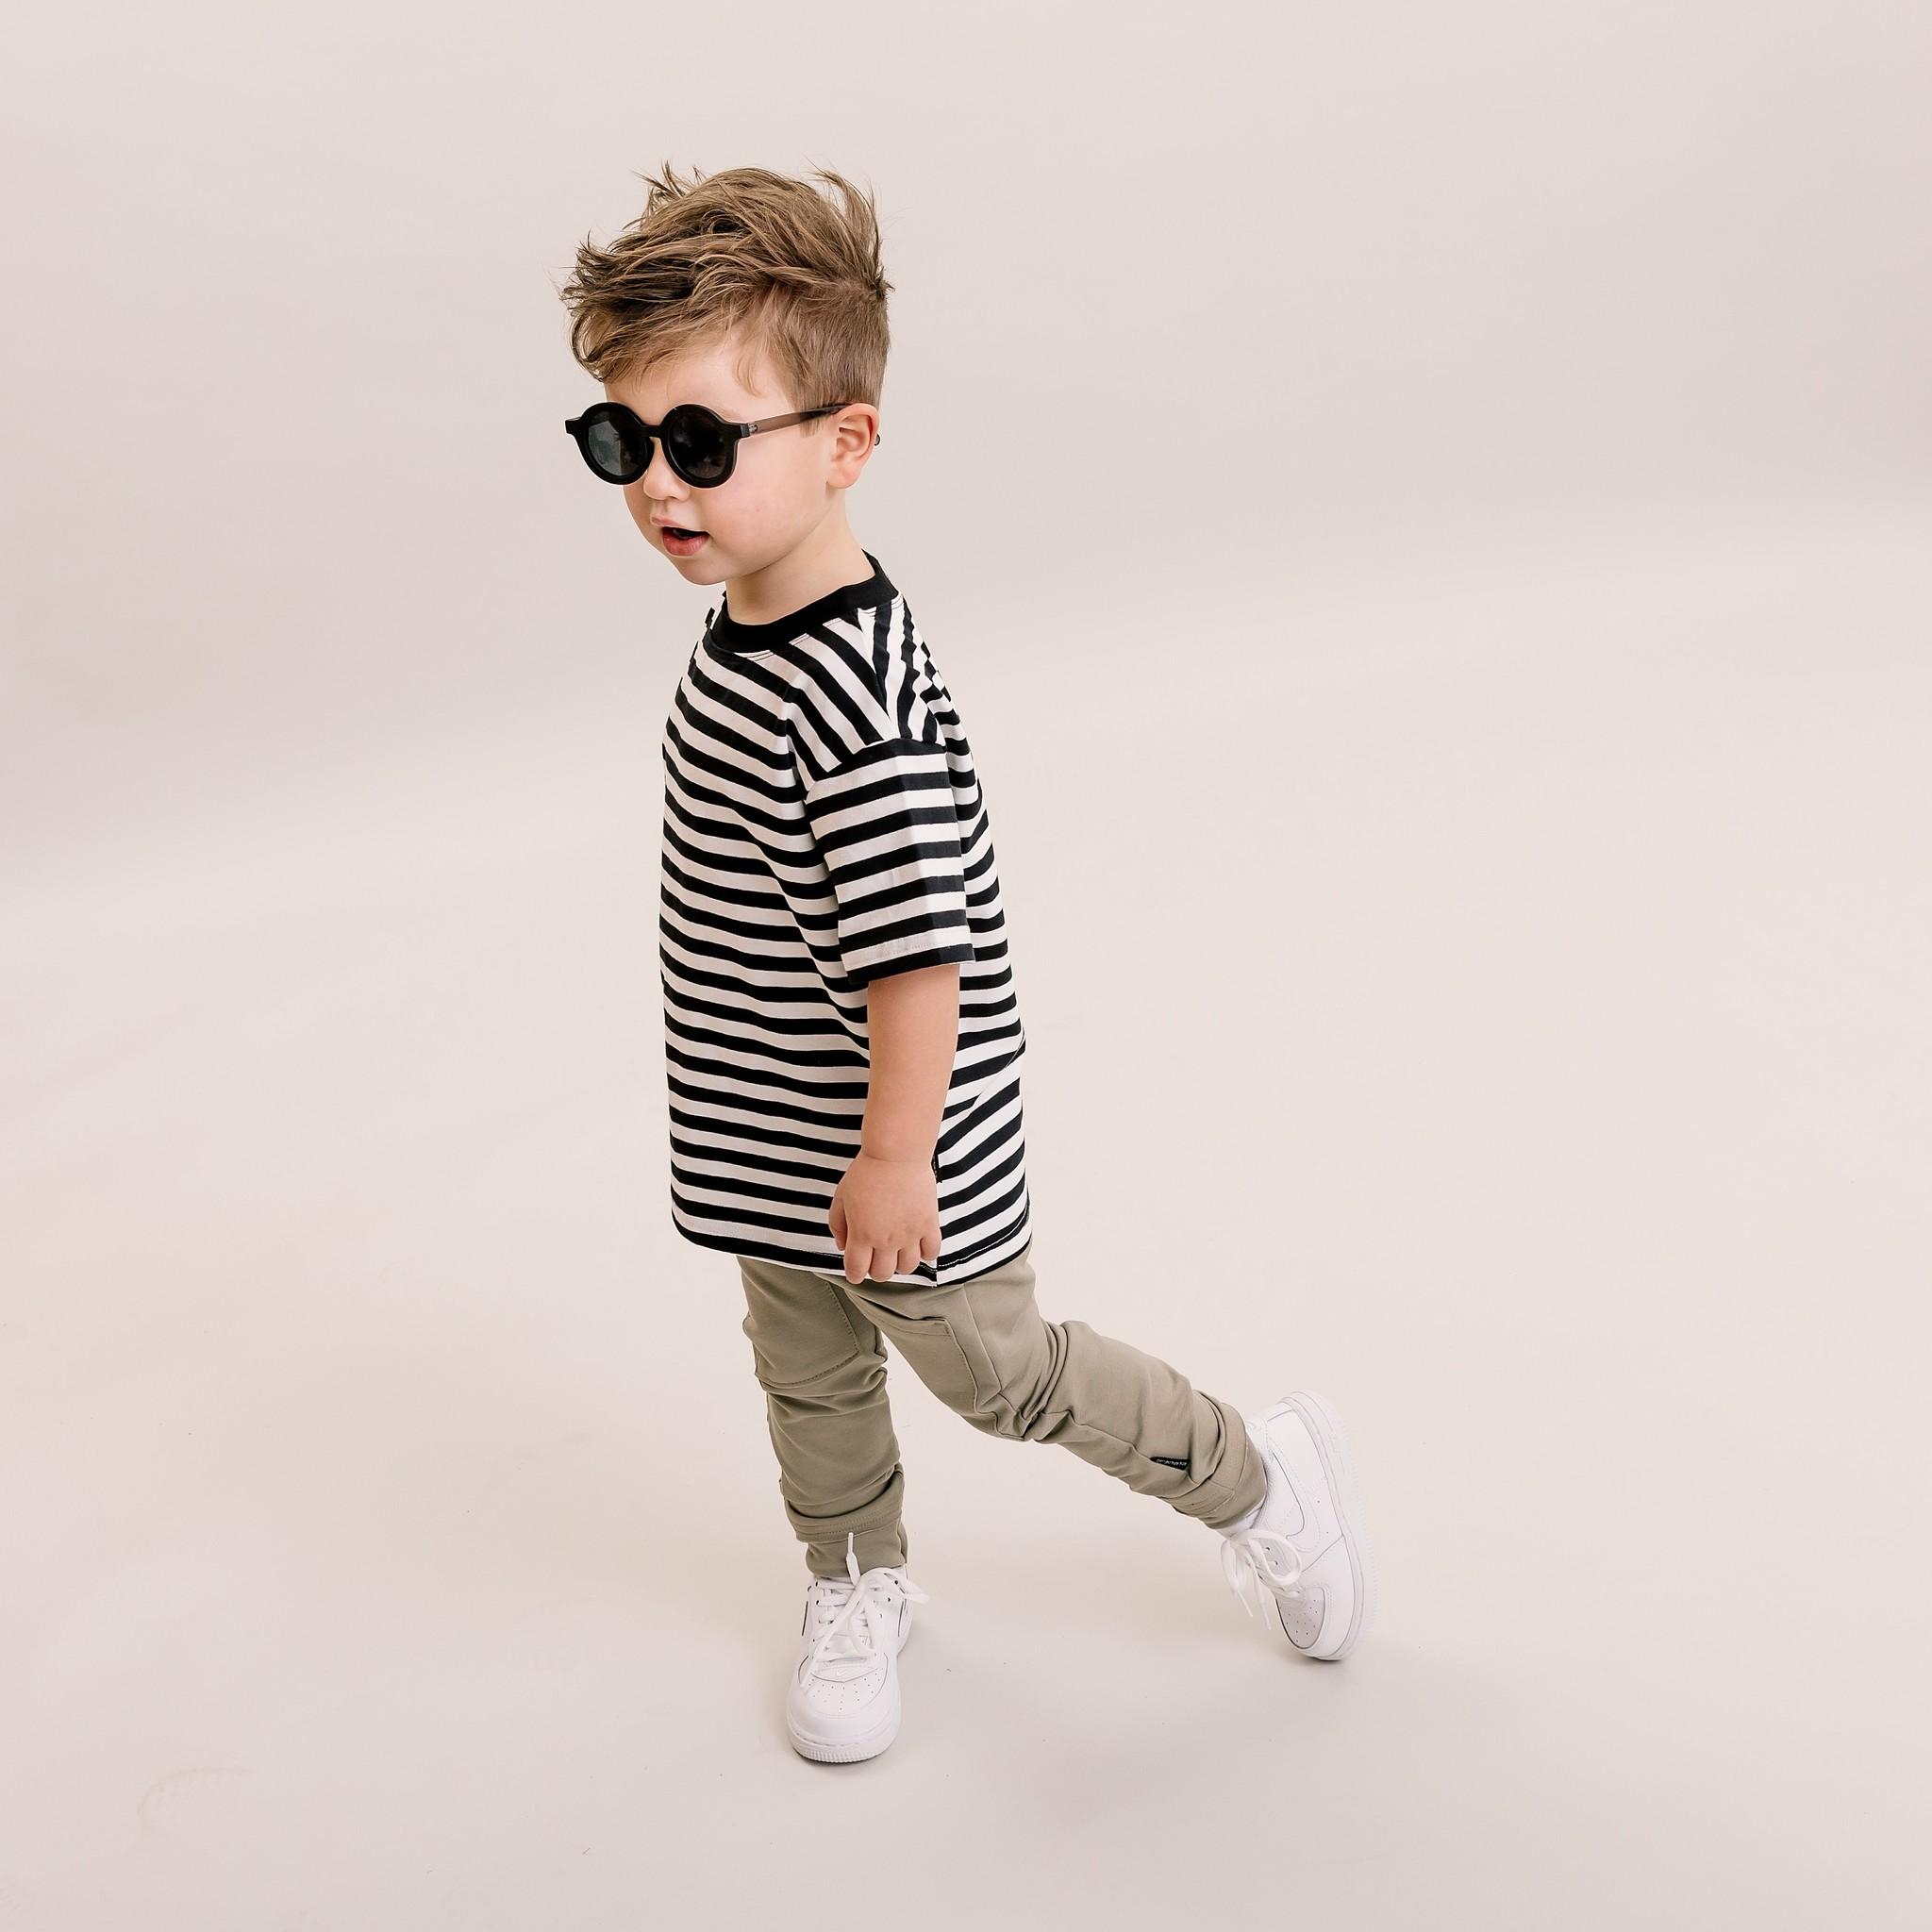 No Labels Kidswear OVERSIZED SHIRT | STREETWEAR BOYSWEAR | GREAT CHILDREN'S CLOTHING